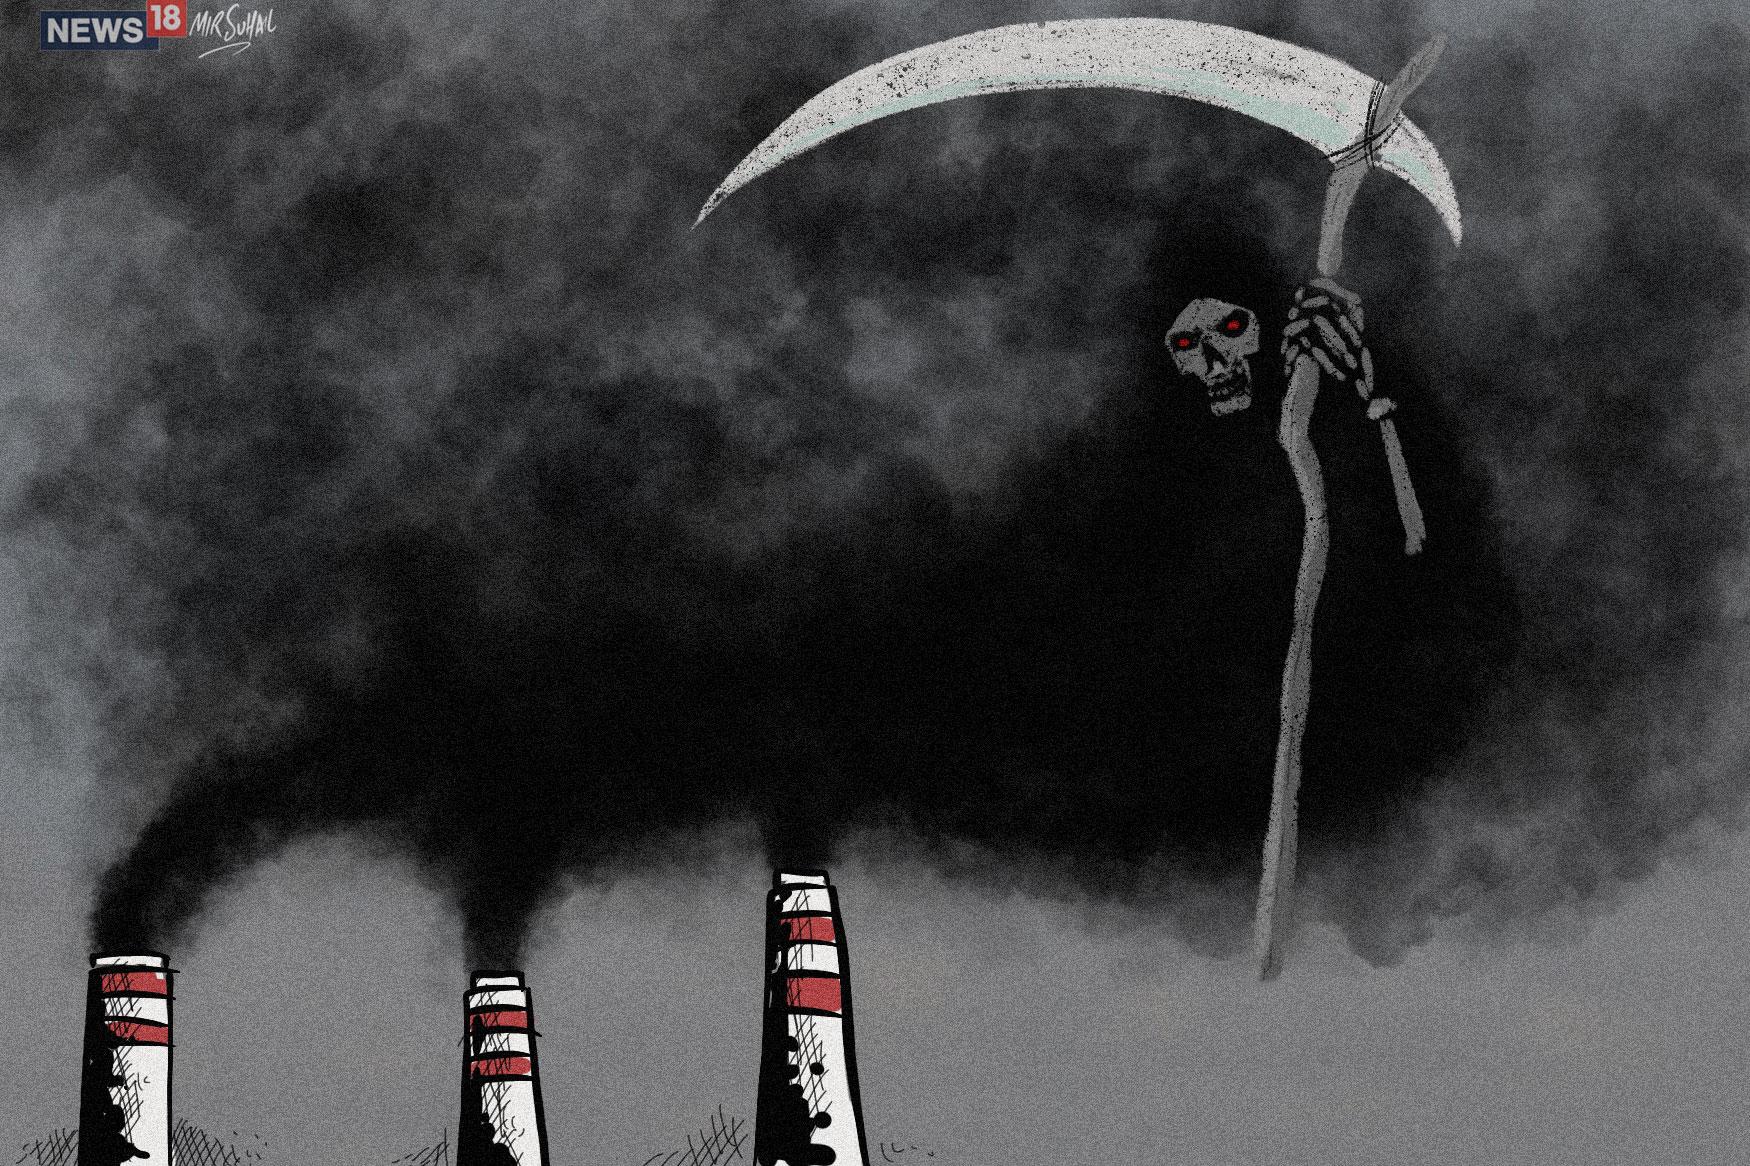 दिल्ली एनसीआरसह देशातील मोठ्या शहरांमध्ये होणाऱ्या वायु प्रदूषणामुळे हवा खराब होत चालली आहे. हे फक्त भारतातच नाही तर जगभरात होत आहे. म्हणूनच आज जगभरातील अशा टॉप 5 कंपन्यांबद्दल जाणून घेऊ ज्या सर्वाधिक वायू प्रदुषण करतात.